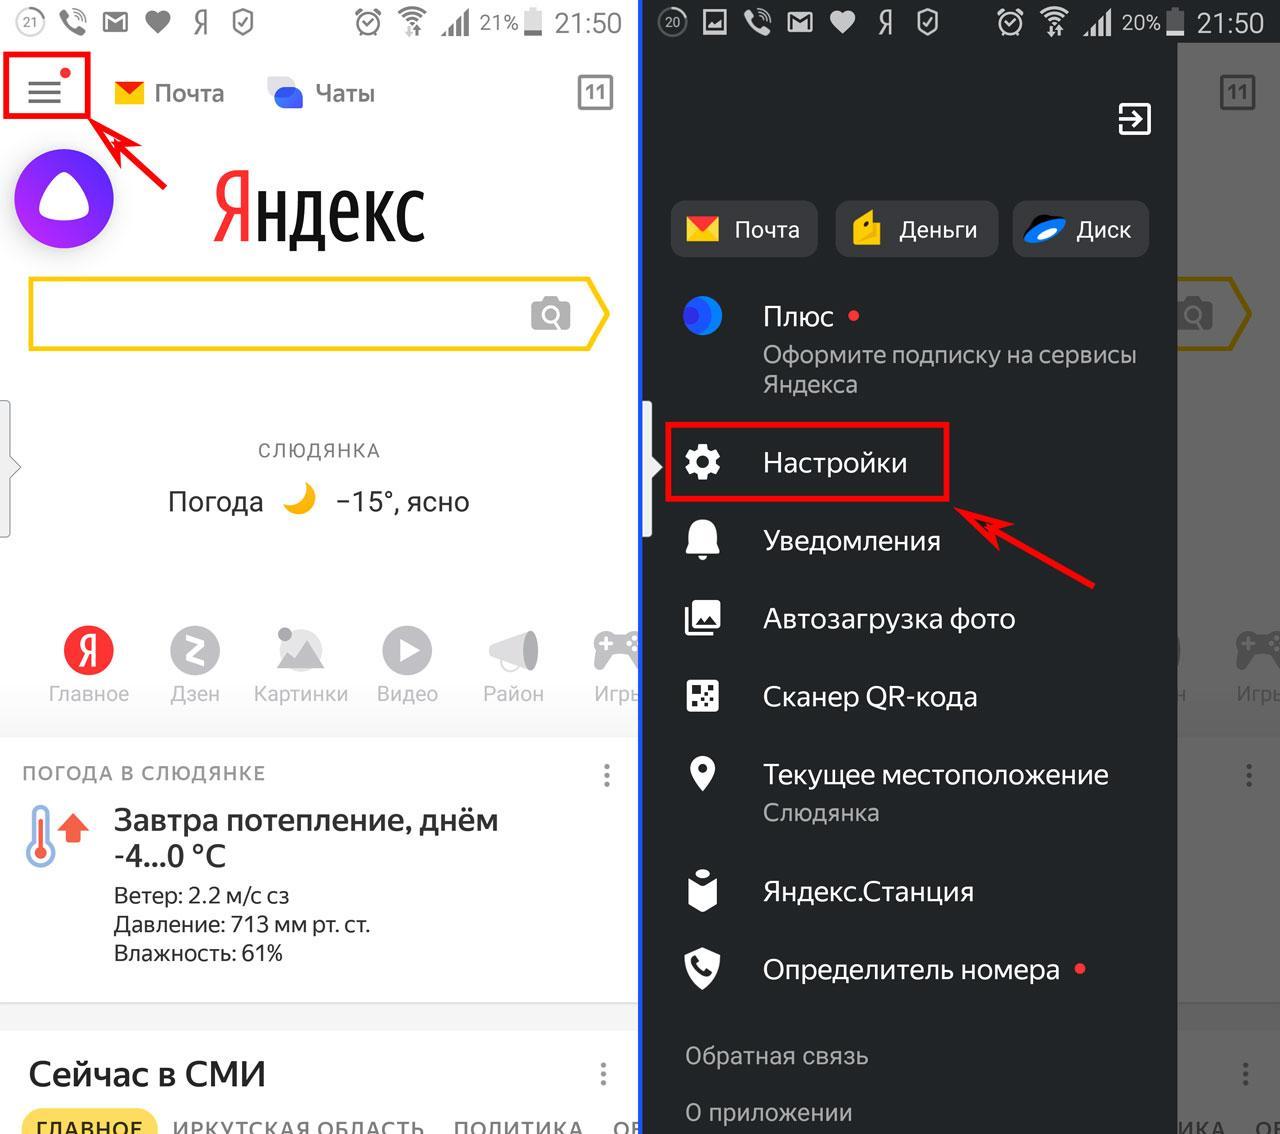 Яндекс дзен - что это такое, как включить и отключить его на компьютере и телефоне